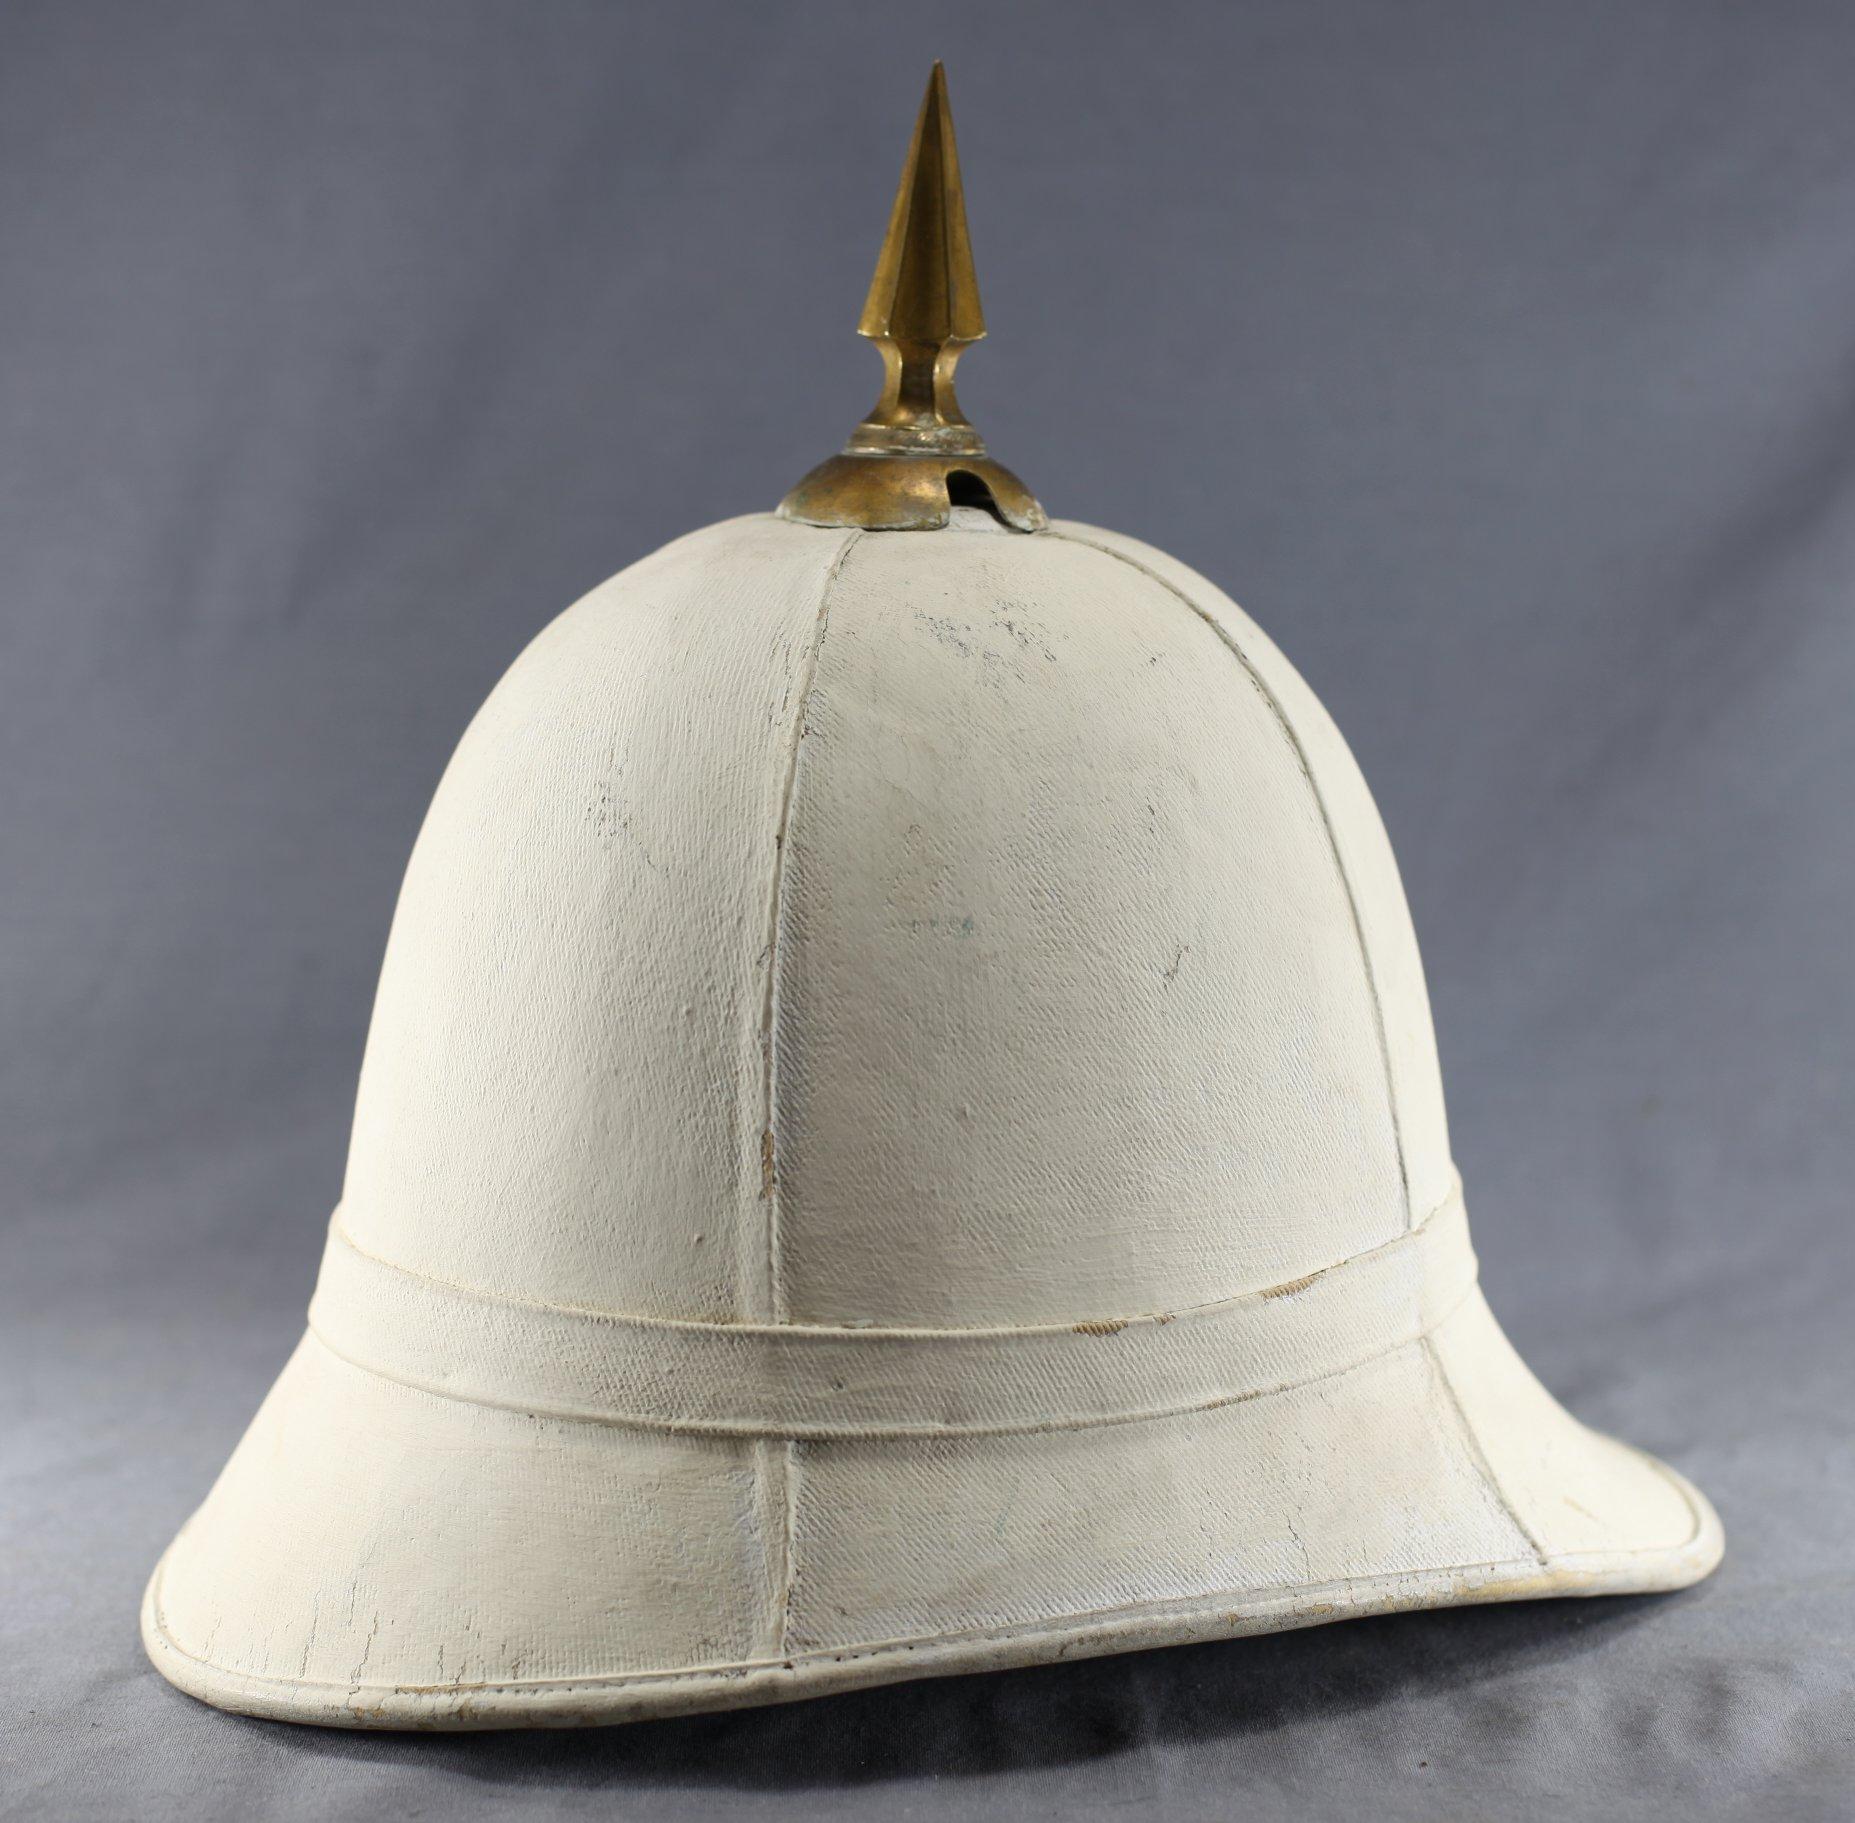 Militia Period Pith Helmet